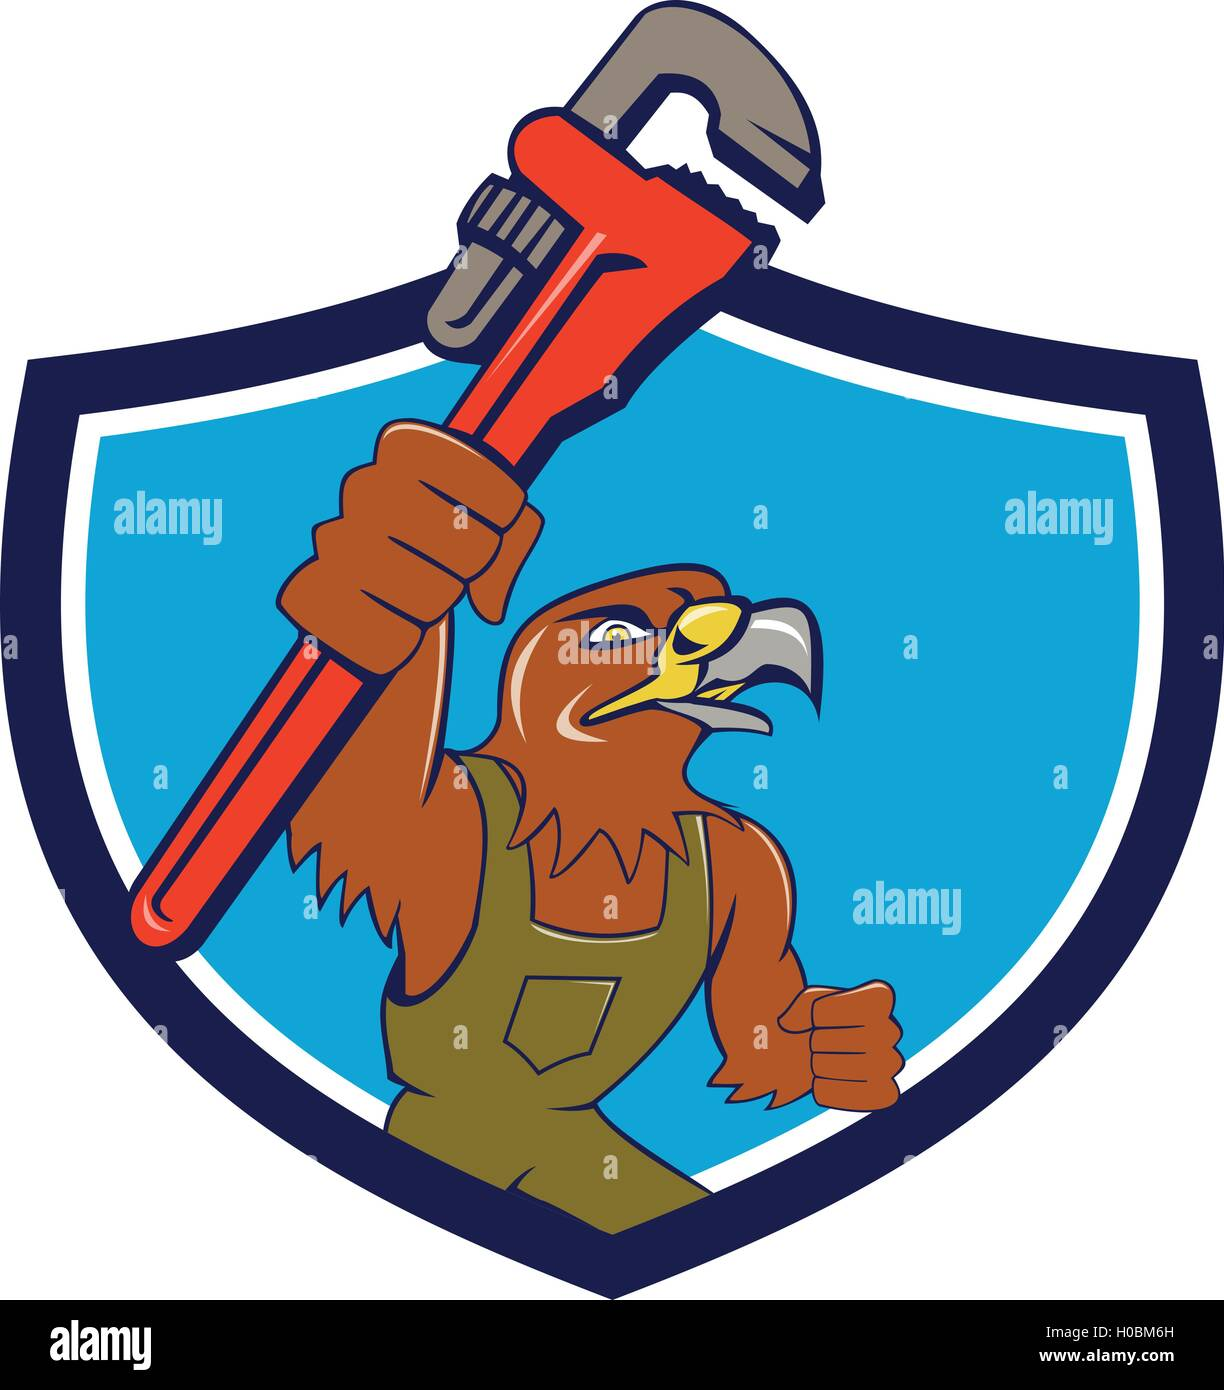 Ilustración de un mecánico de halcón levantando juego de llaves jpg  1224x1390 Juego dibujo llave 13ab9fcb0de